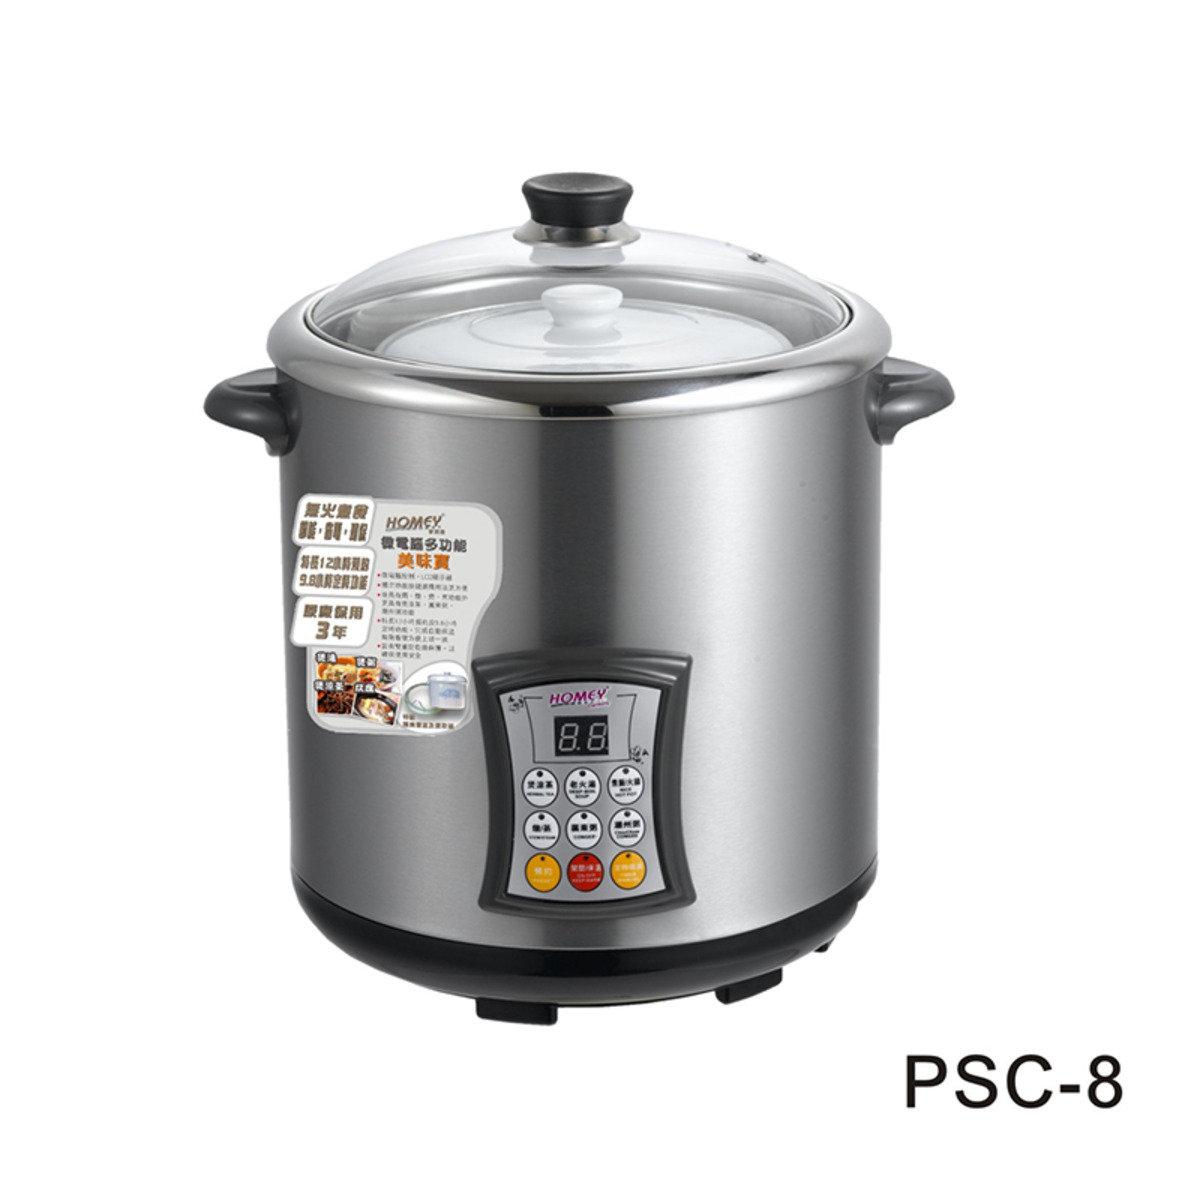 微電腦多功能美味寶 PSC-8